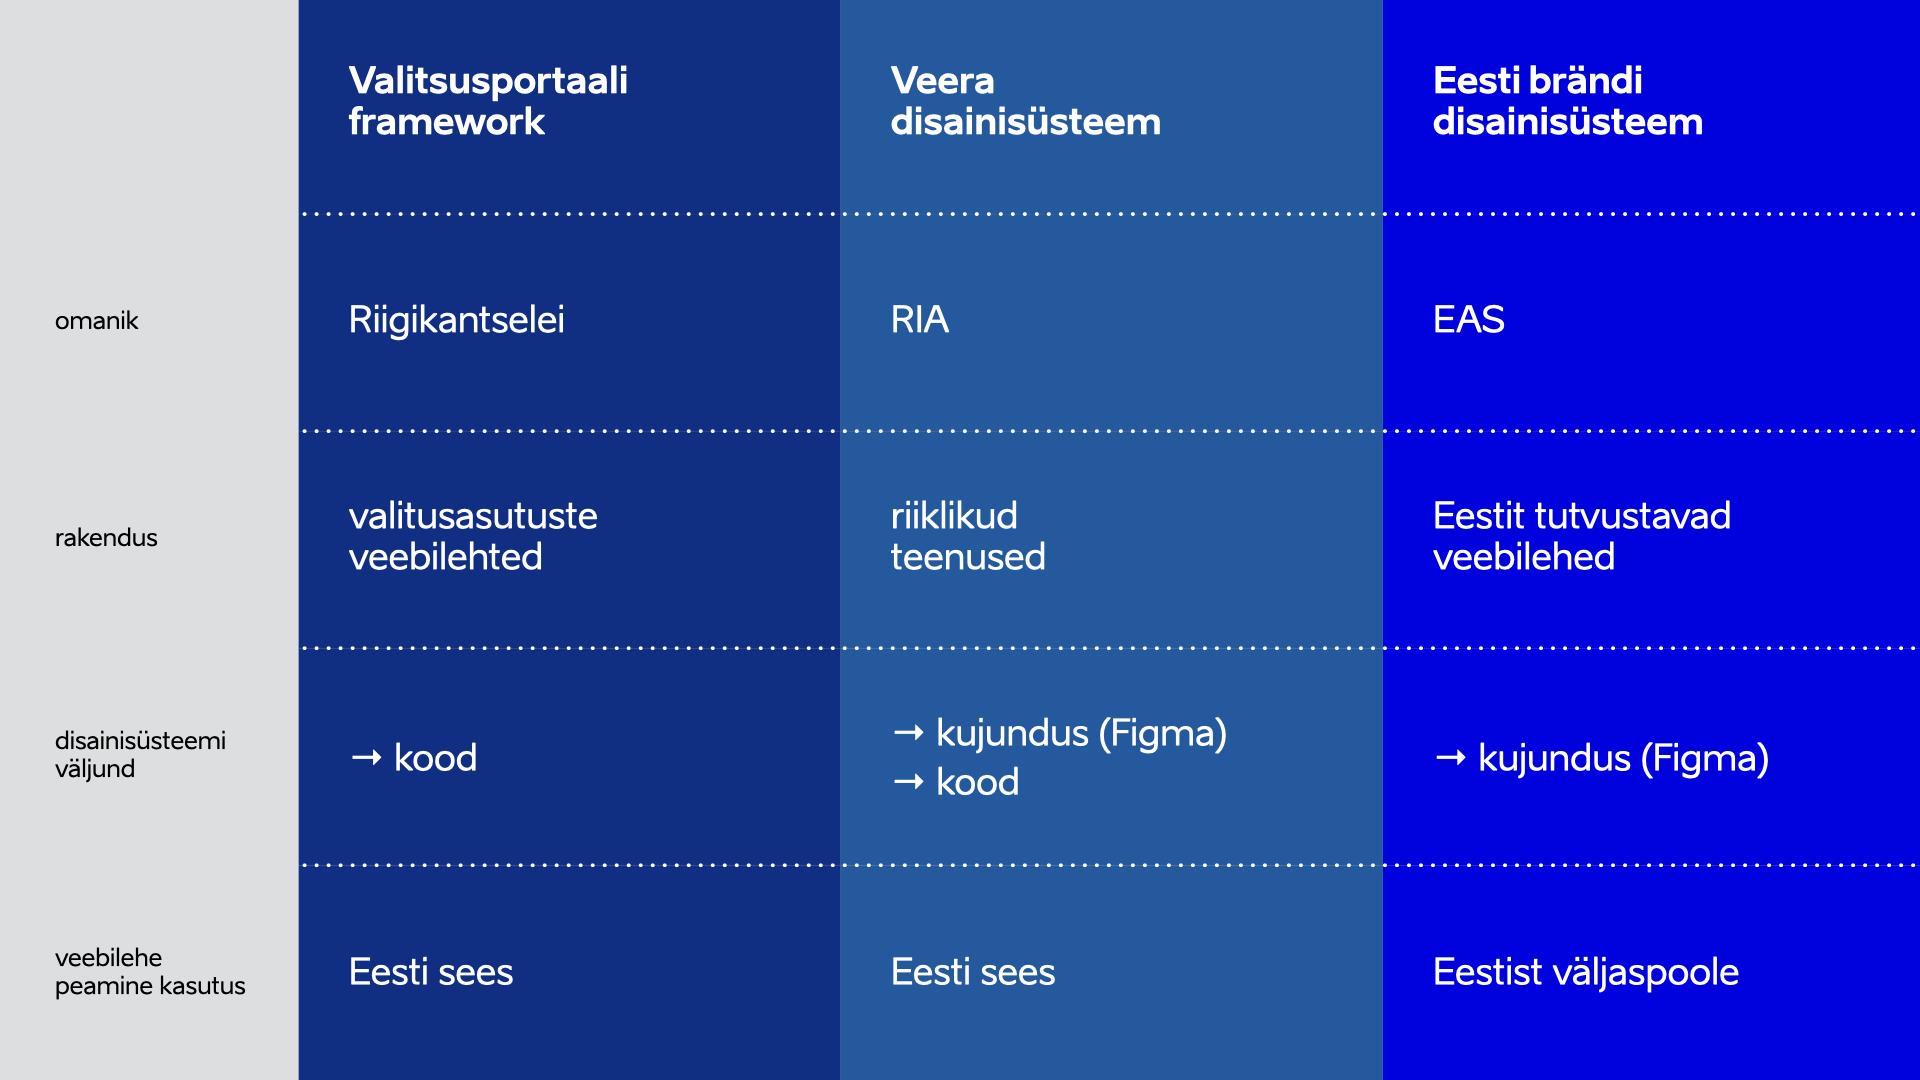 avvaliku sektori disainisüsteemid veera valitsusasutuste framework